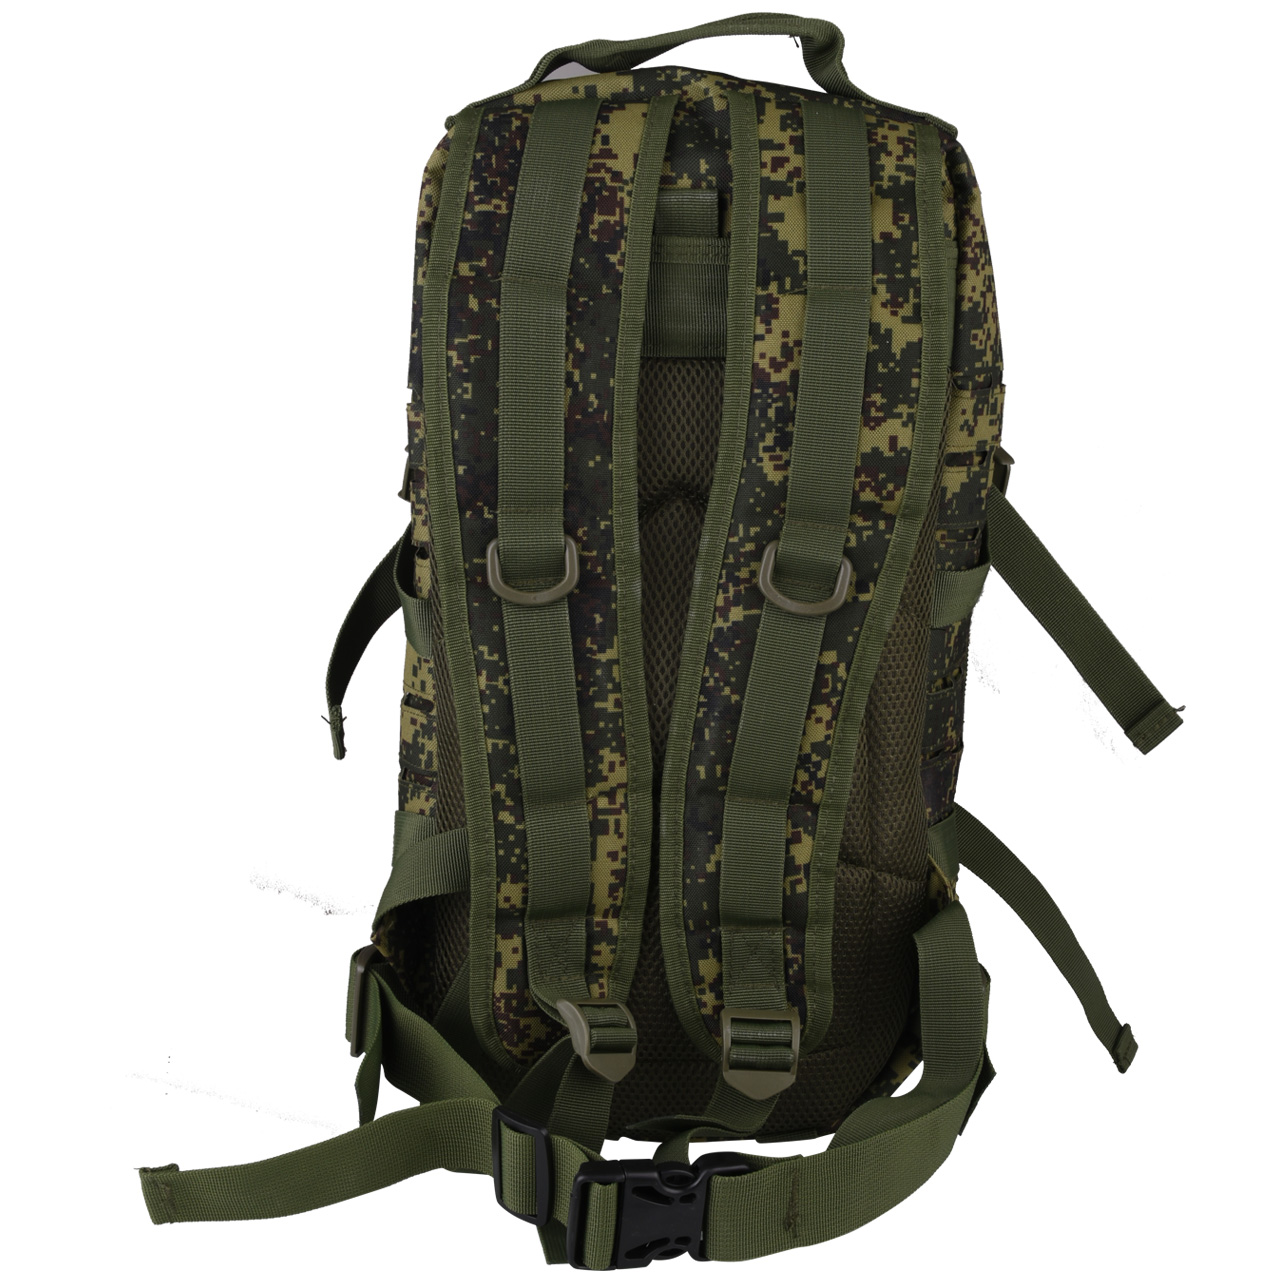 Штурмовой удобный рюкзак с нашивкой ДПС - купить онлайн